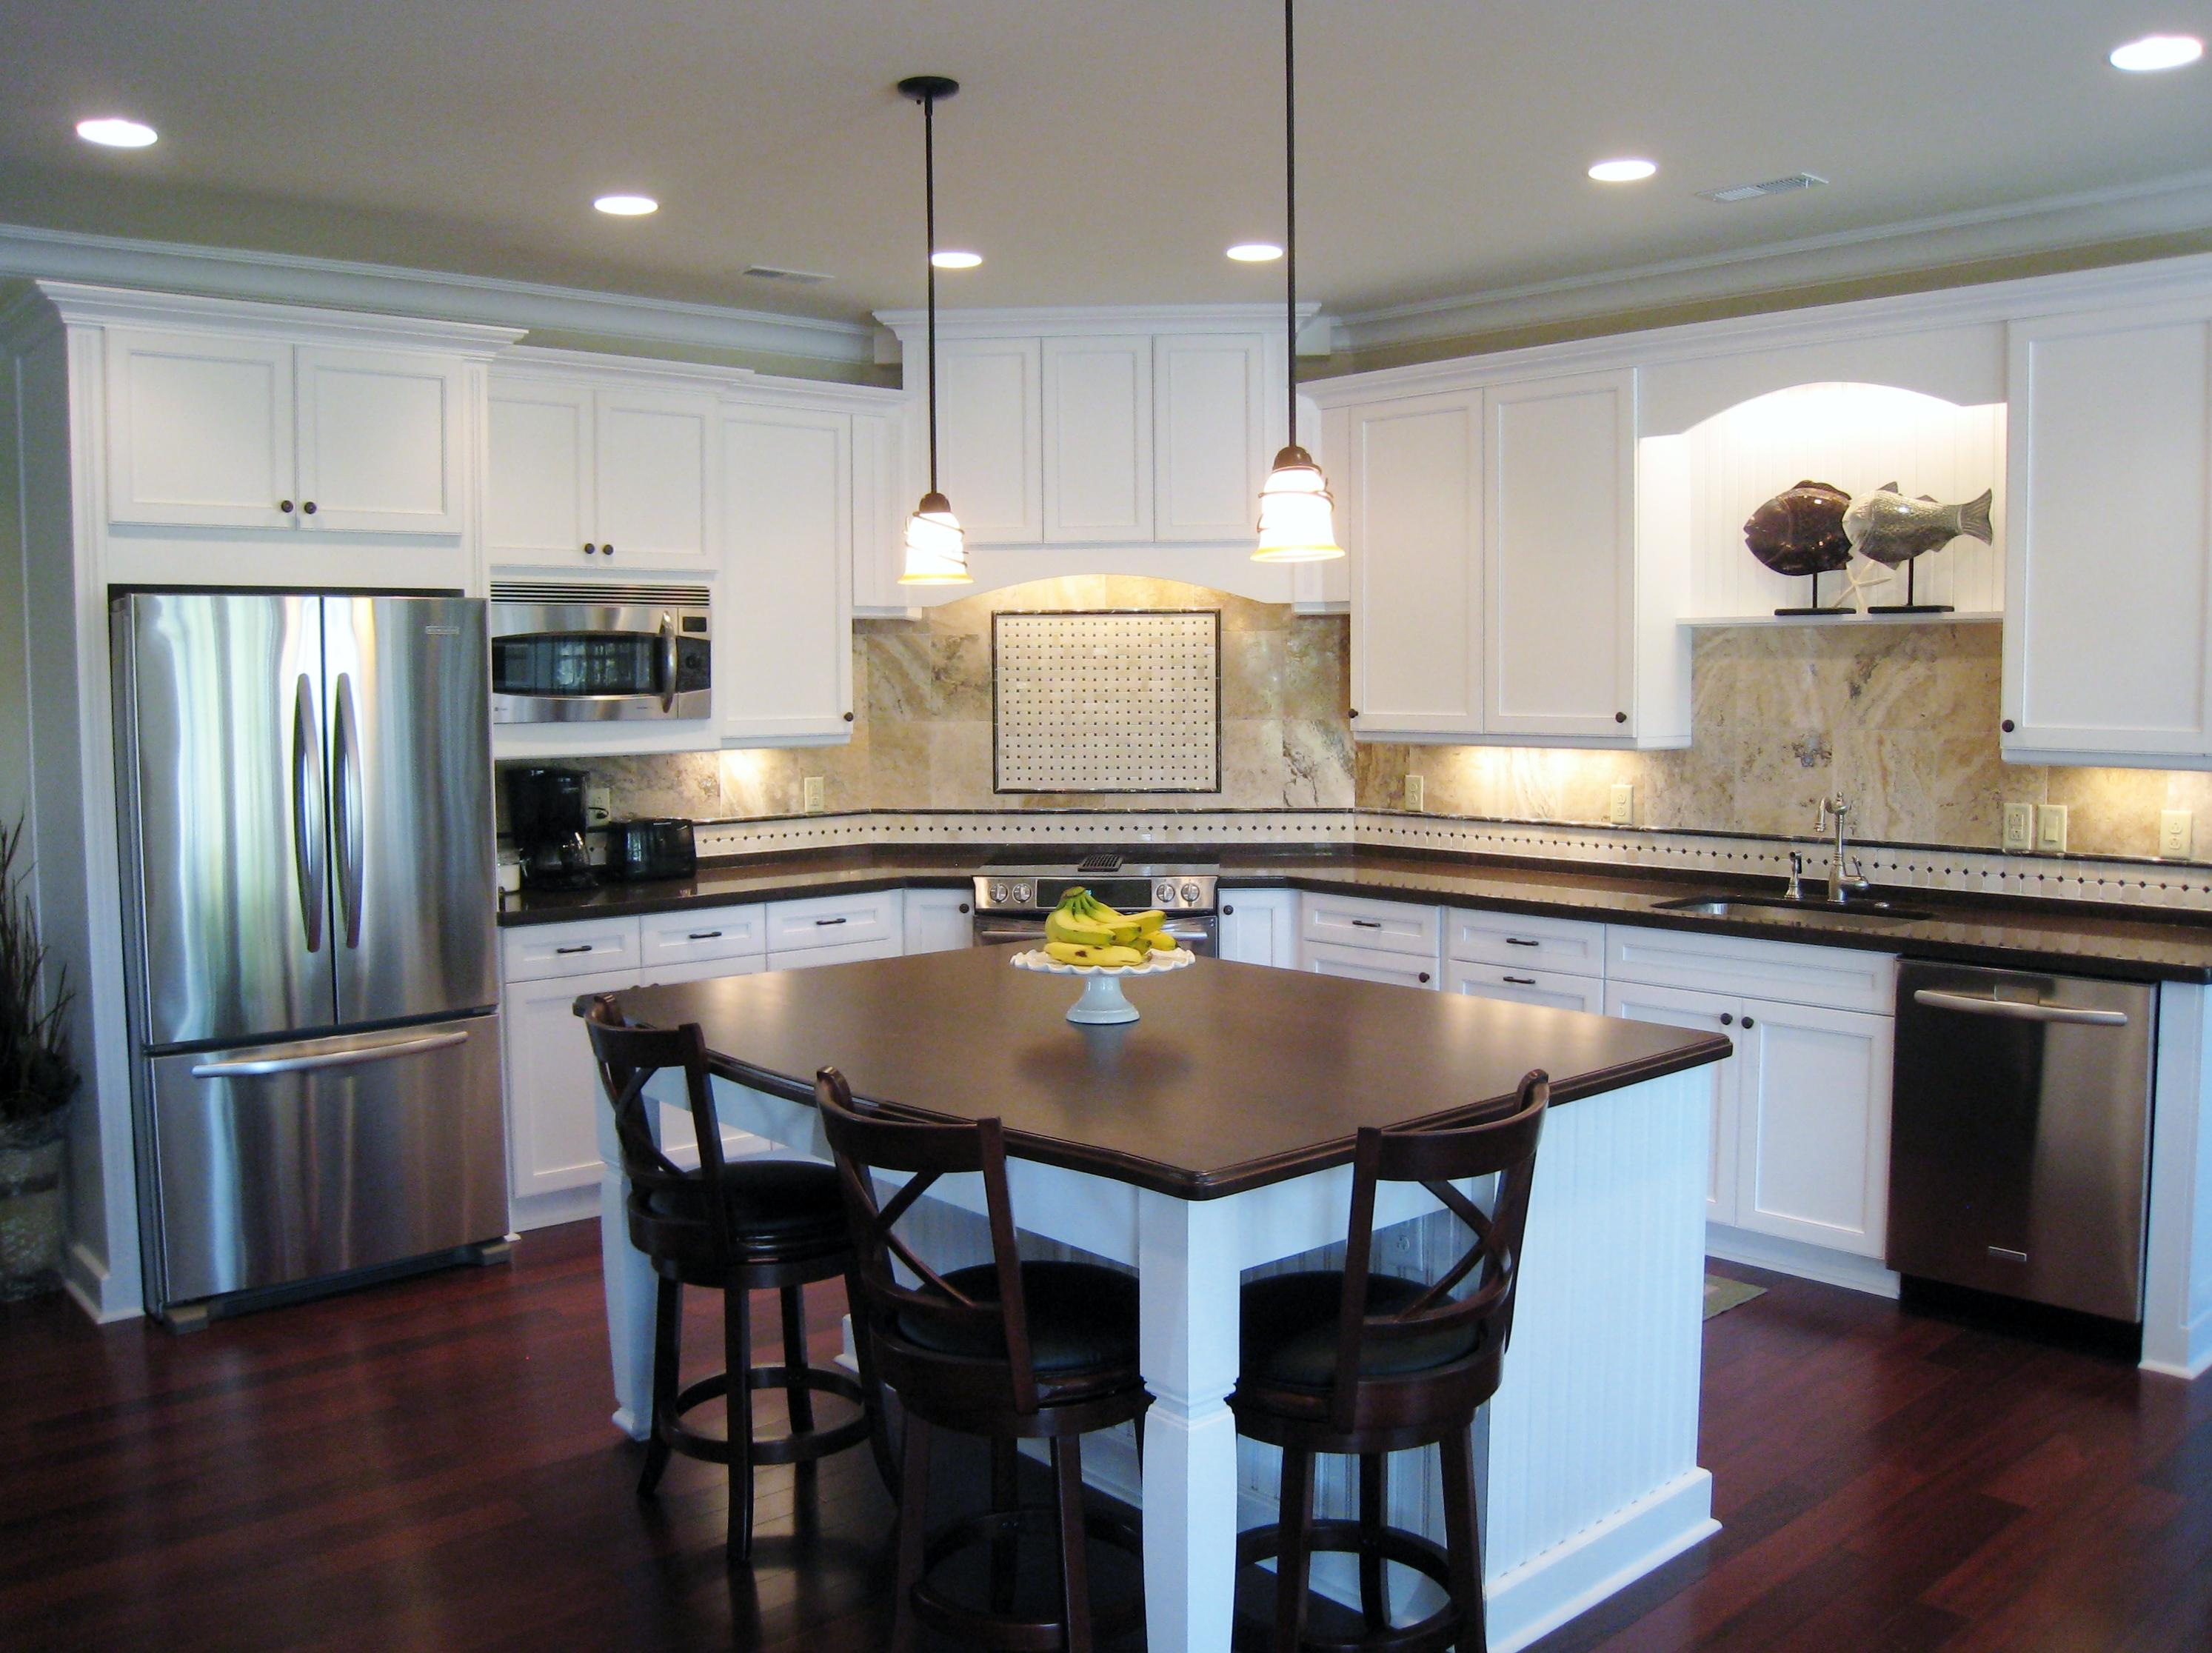 تصميم مطبخ خشب كلاسيكية متألقة